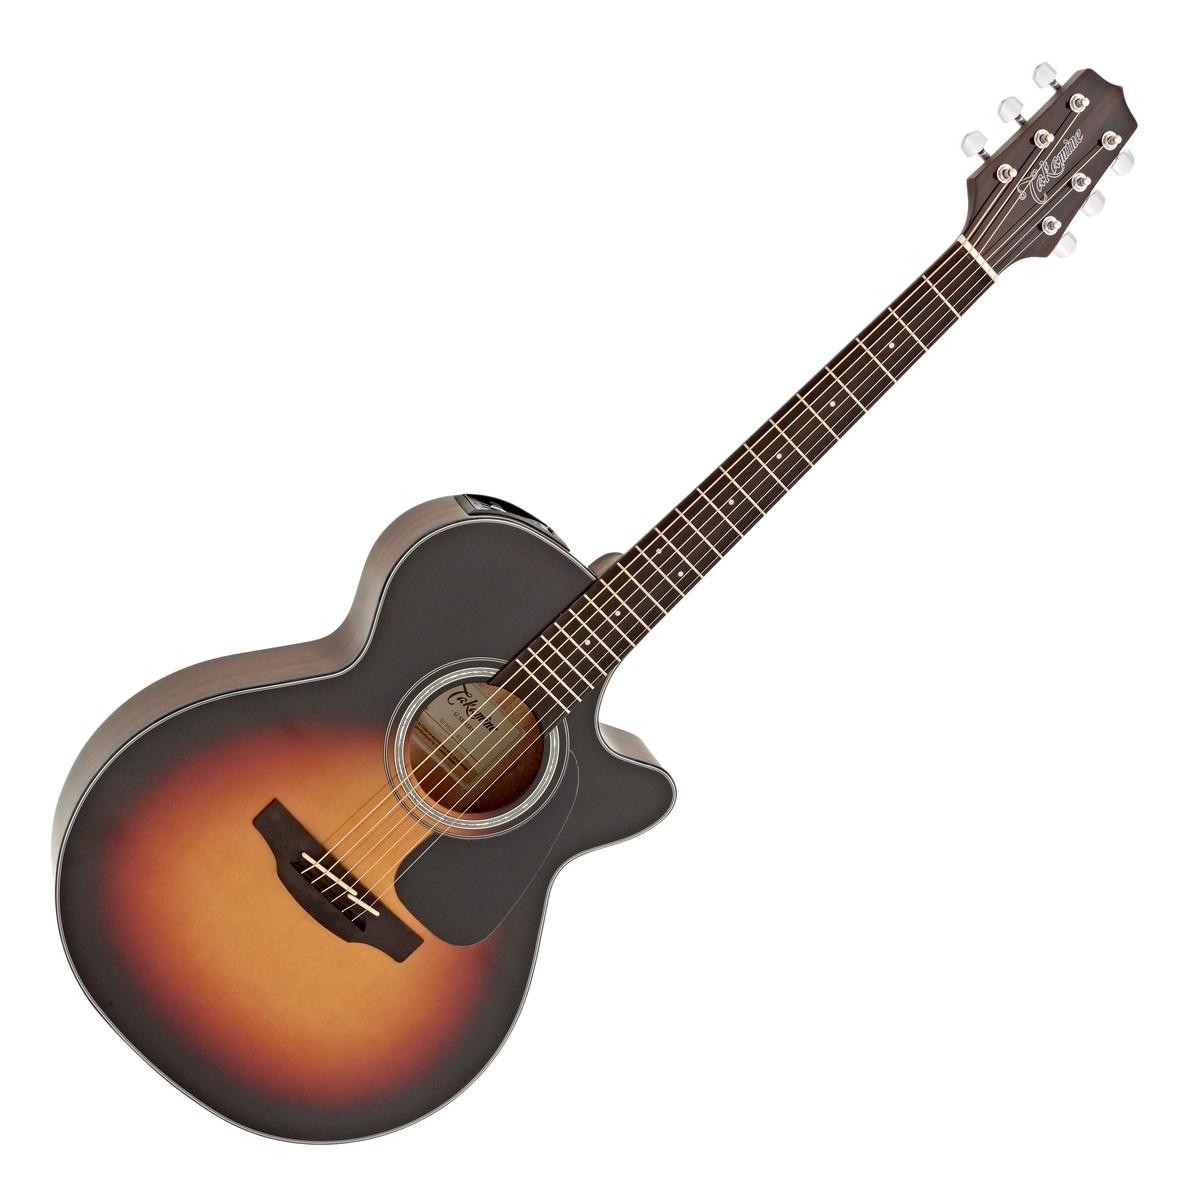 GF30CE FXC Cutaway Electro Acoustic Sunburst: Acoustic Guitar